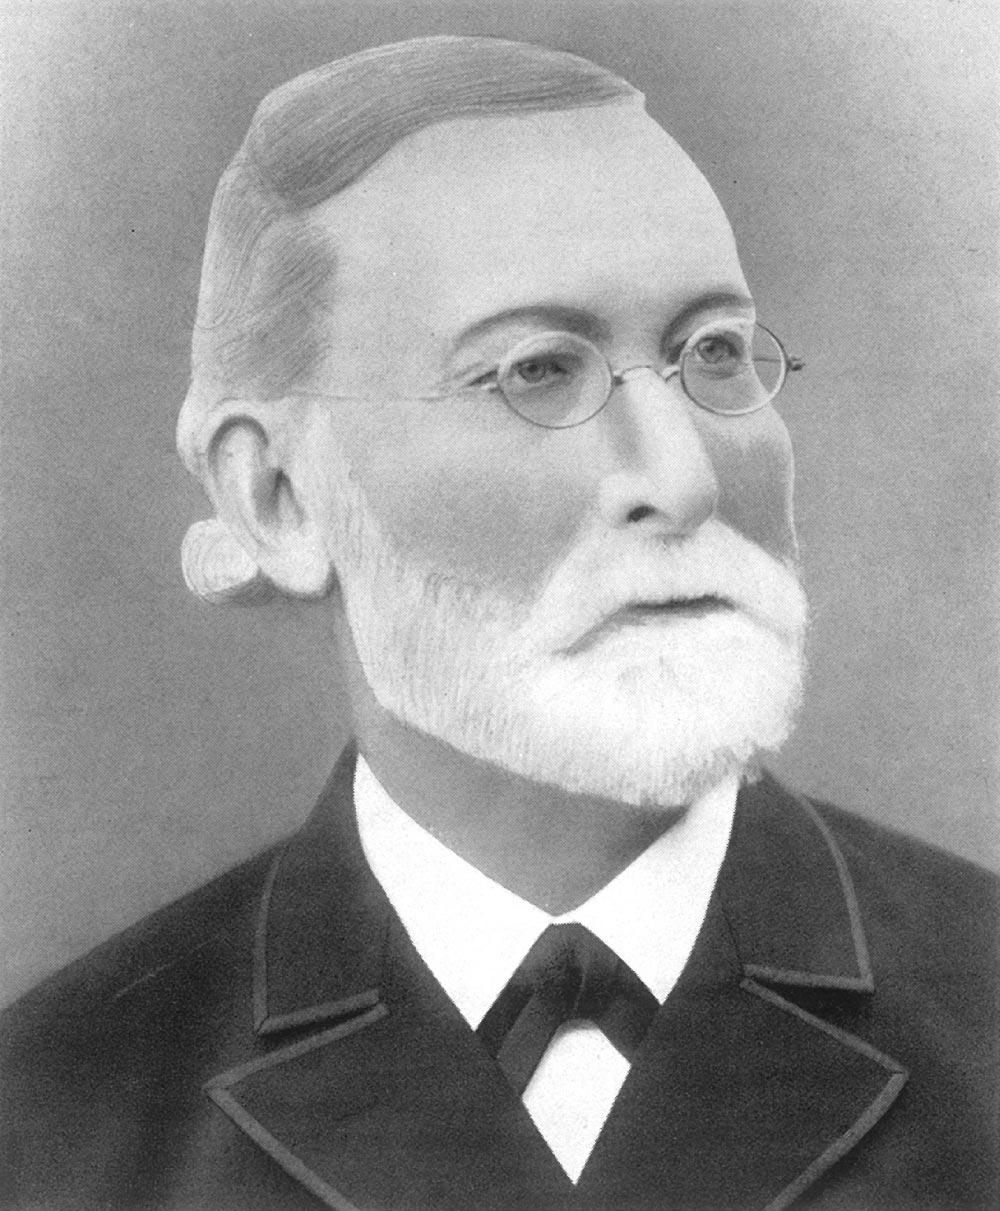 Firmengründer Friedrich August Gotthard Reck